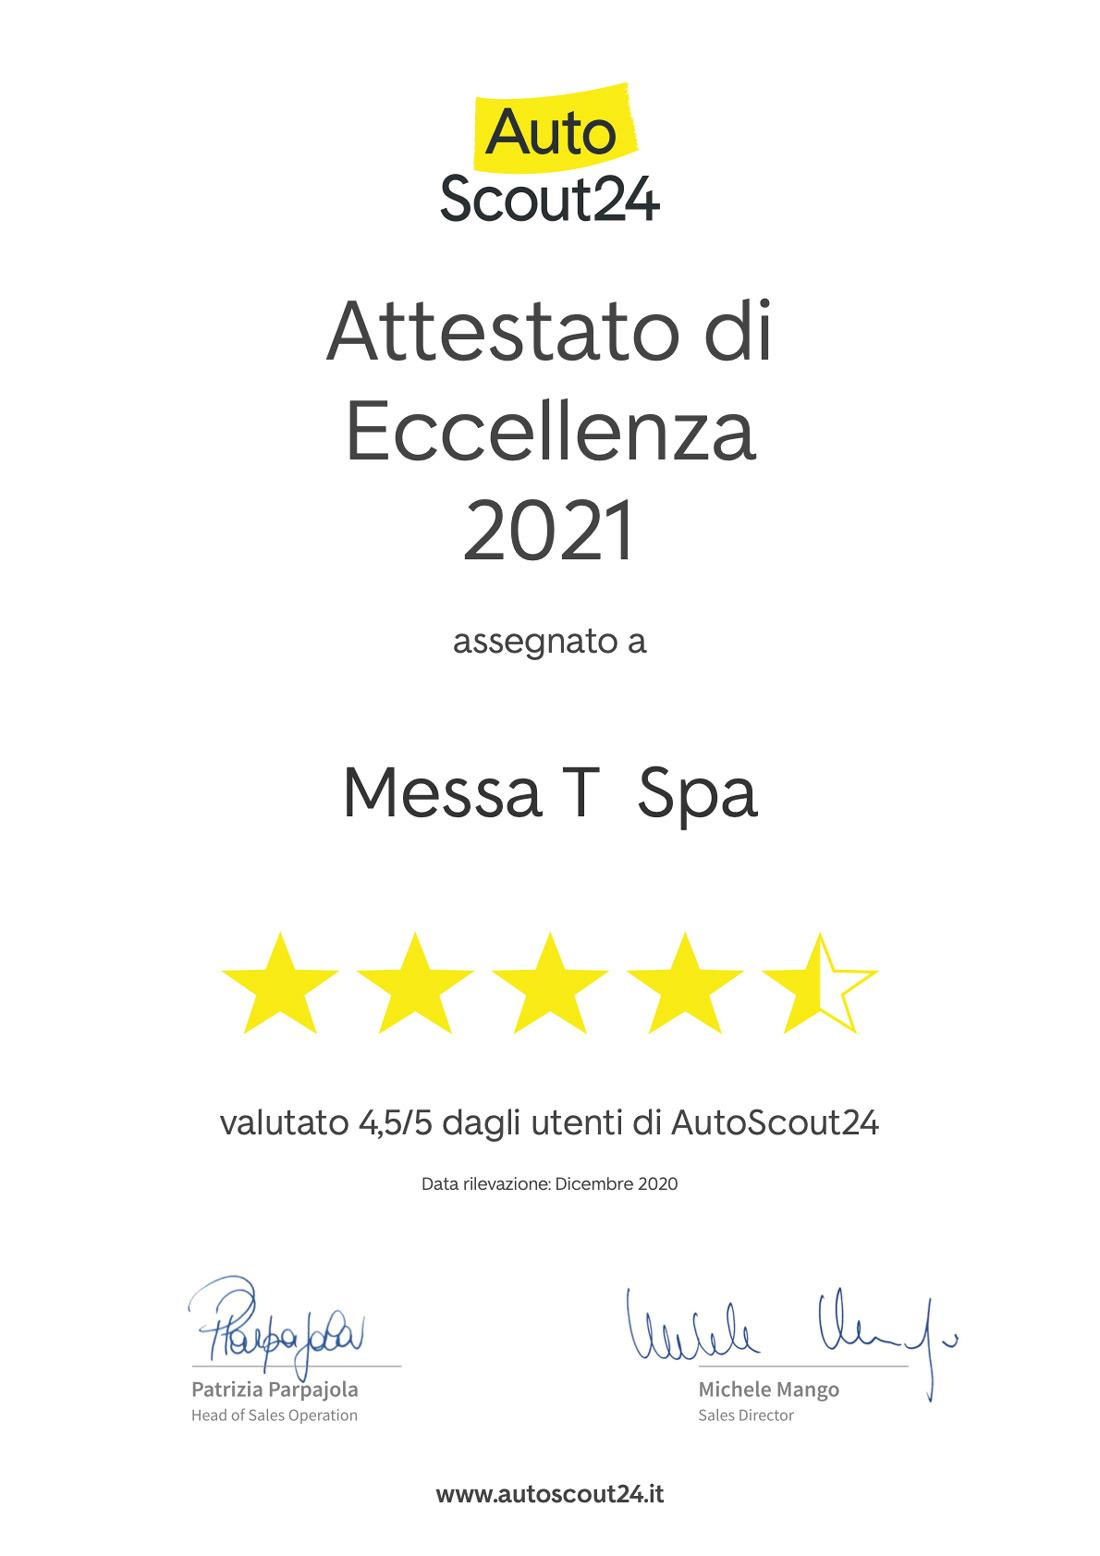 Attestato di Eccellenza 2021 AutoScout24 | Concessionaria Messa T